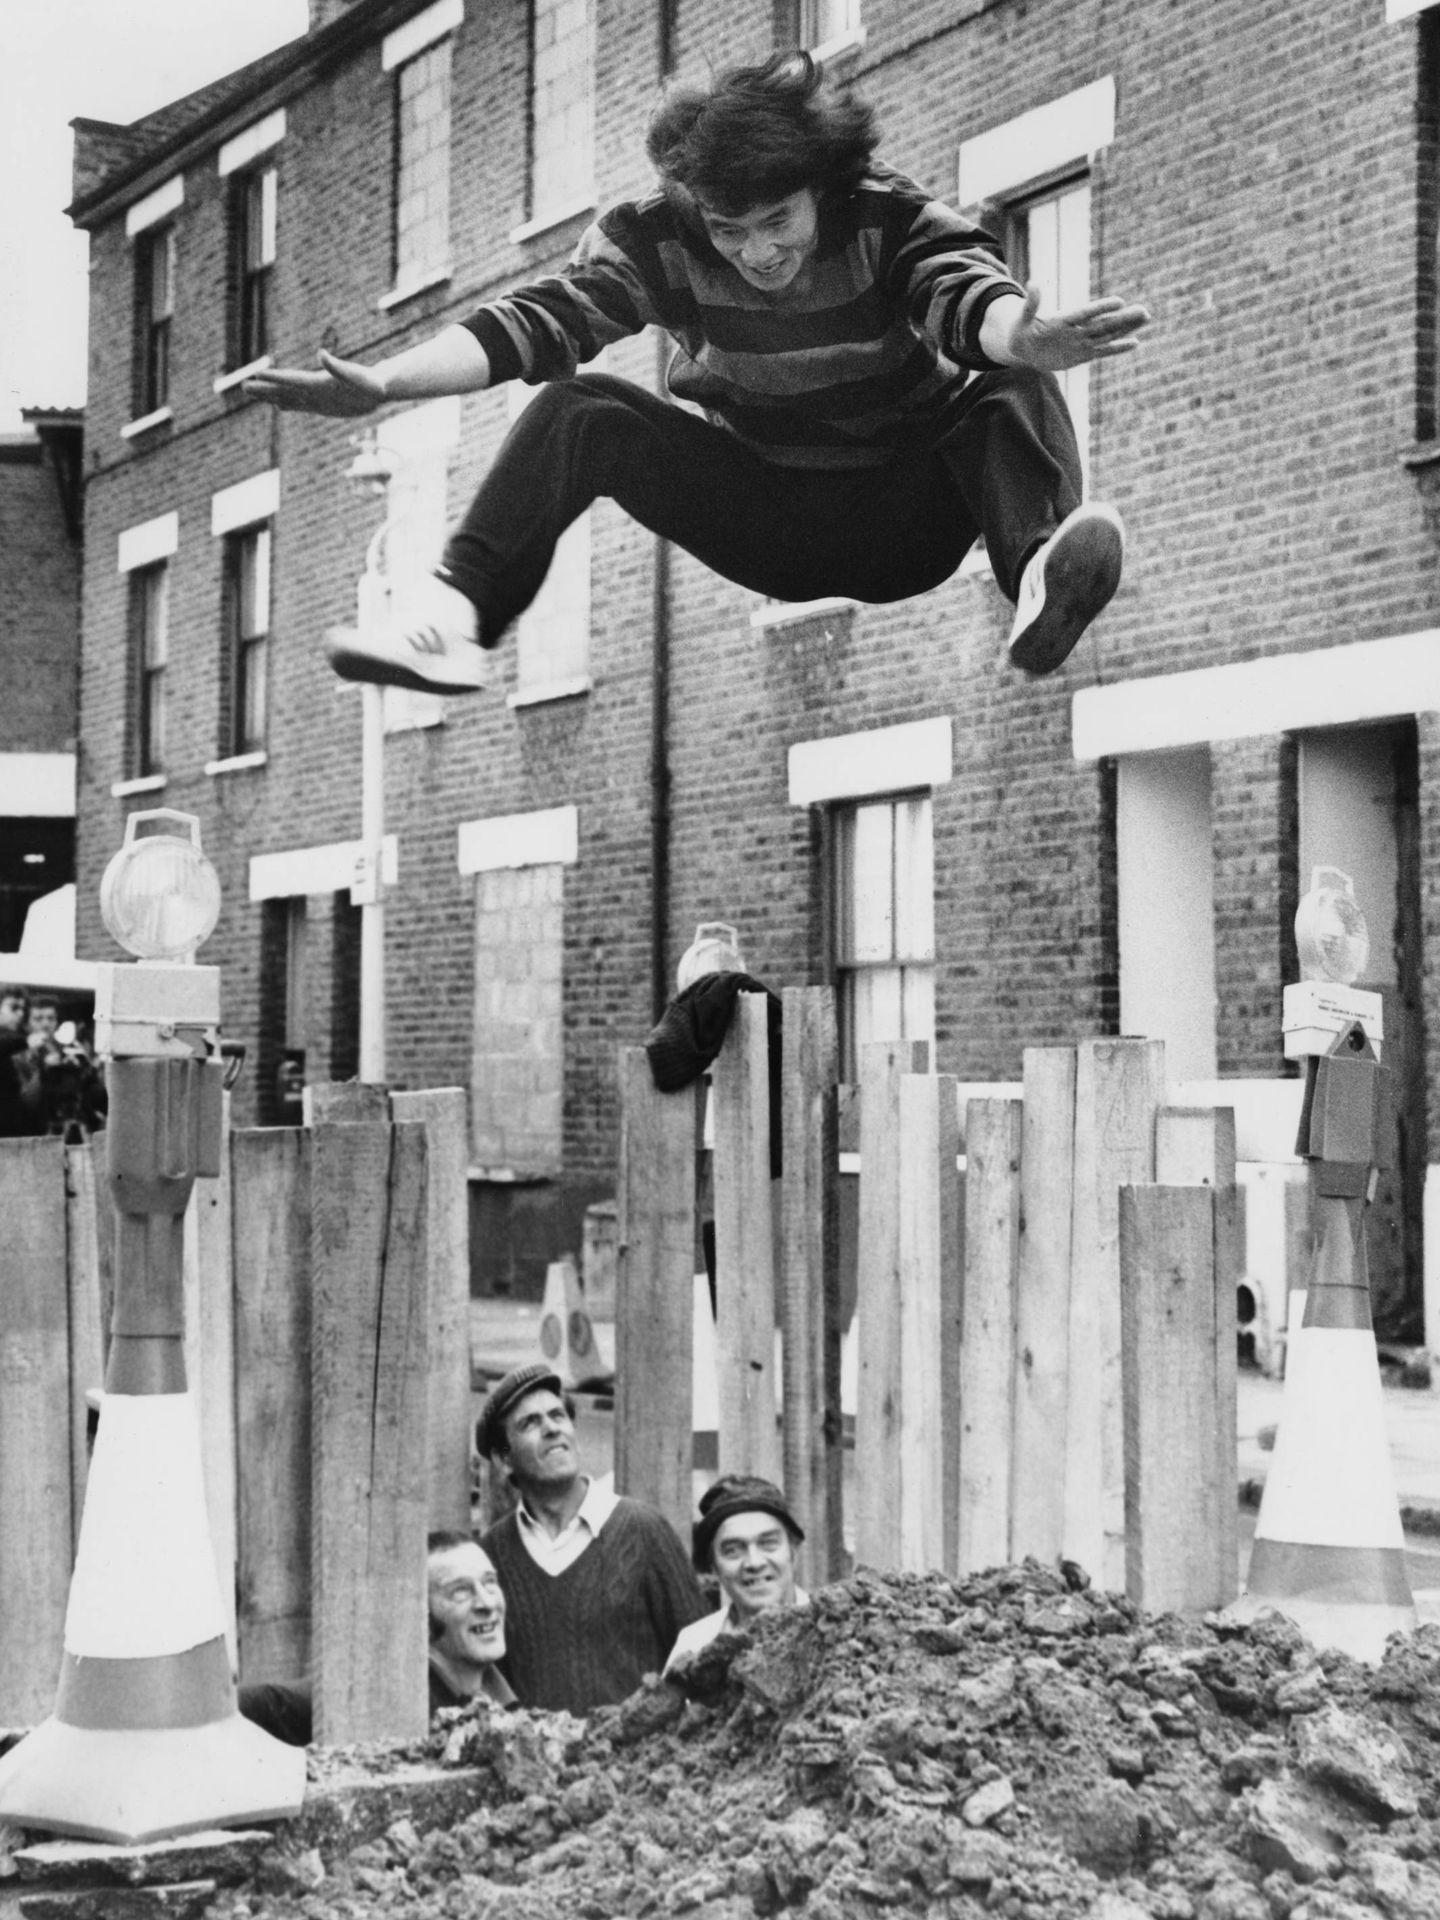 Chan, demostrando sus habilidades atléticas en Londres, 1980. (Getty)